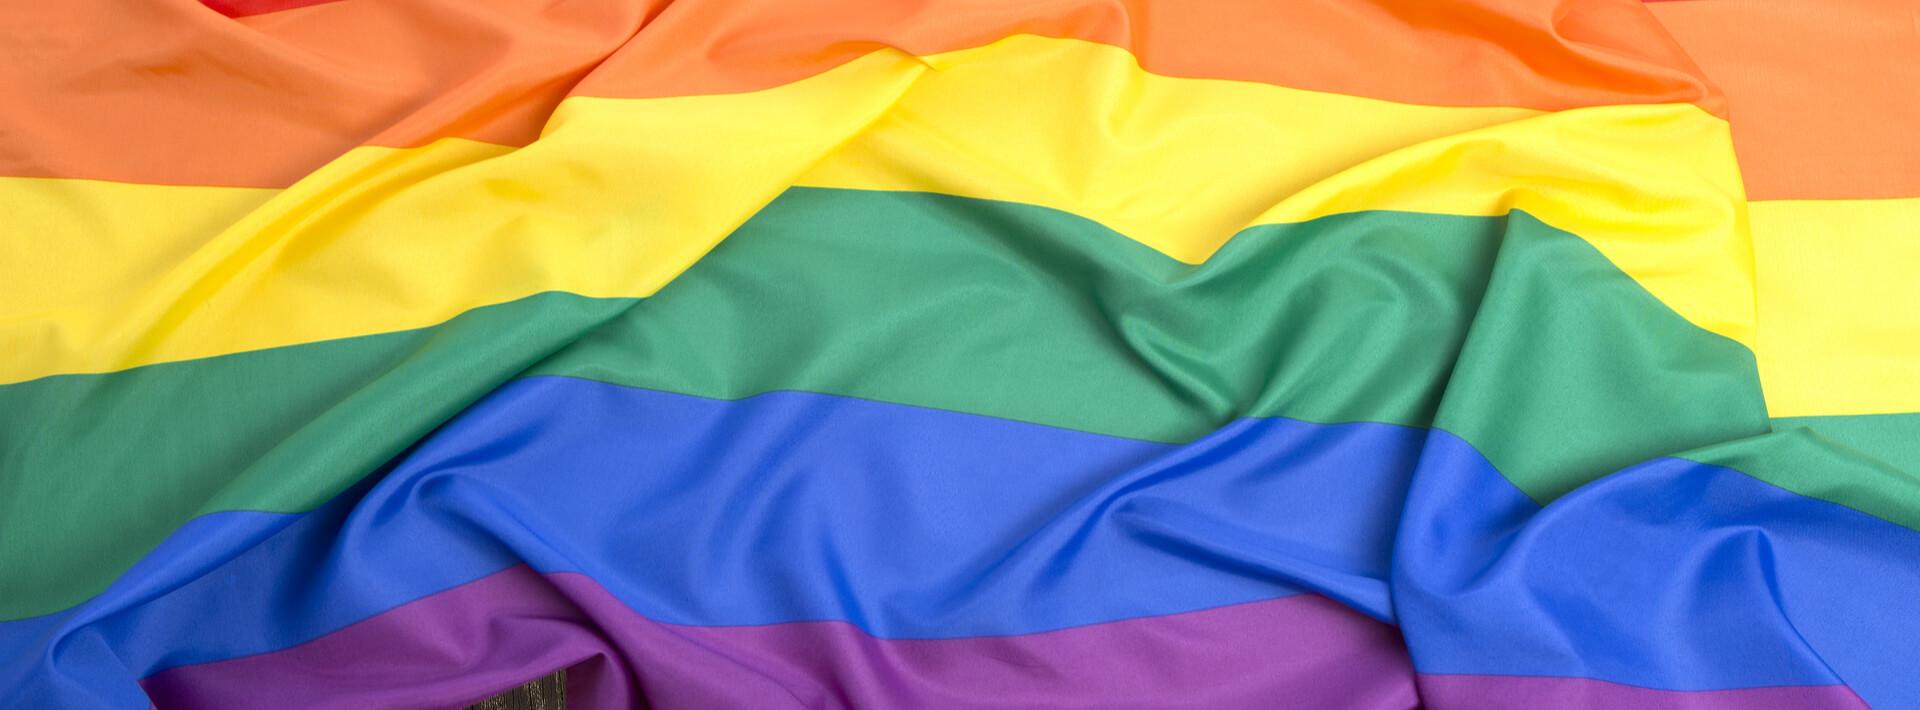 Raibow Flag